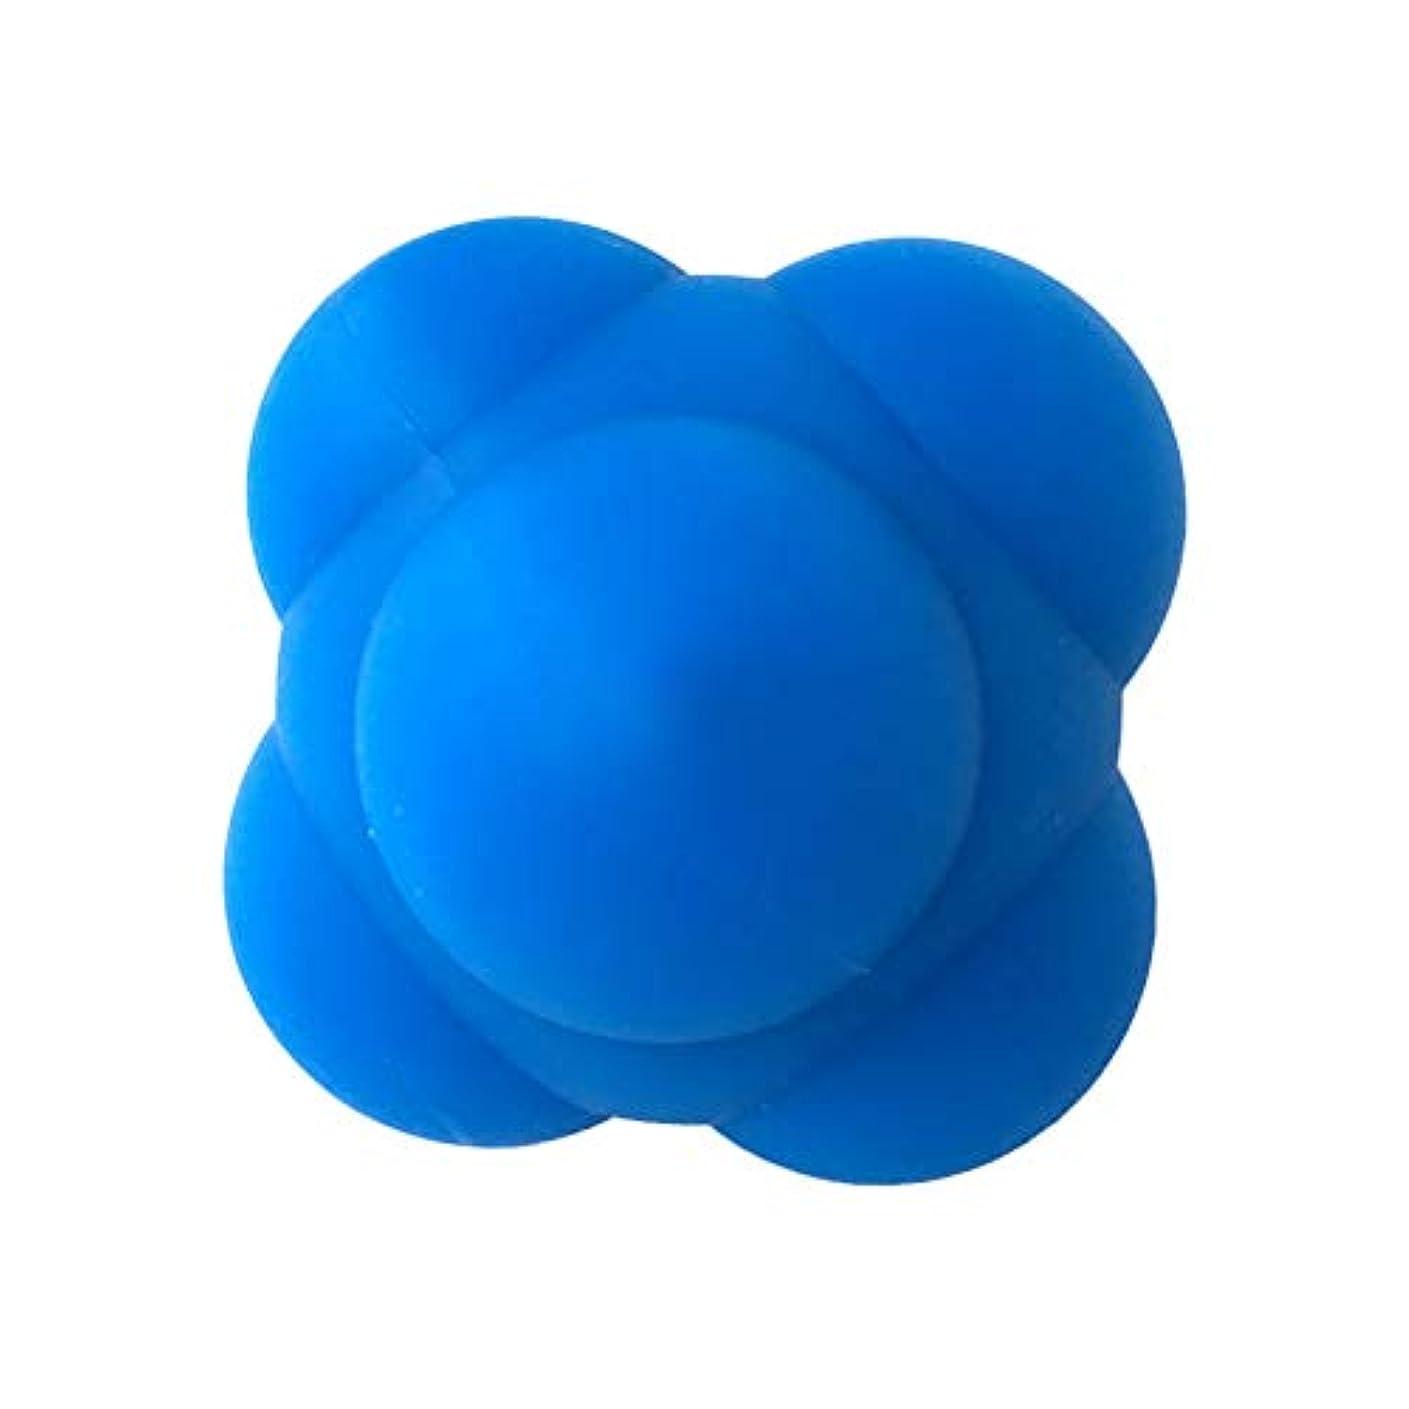 似ている地球座るHealifty 体の管理ボールスポーツシリコン六角形のボールソリッドフィットネストレーニングエクササイズリアクションボール素早さと敏捷性トレーニングボール6cm(青)